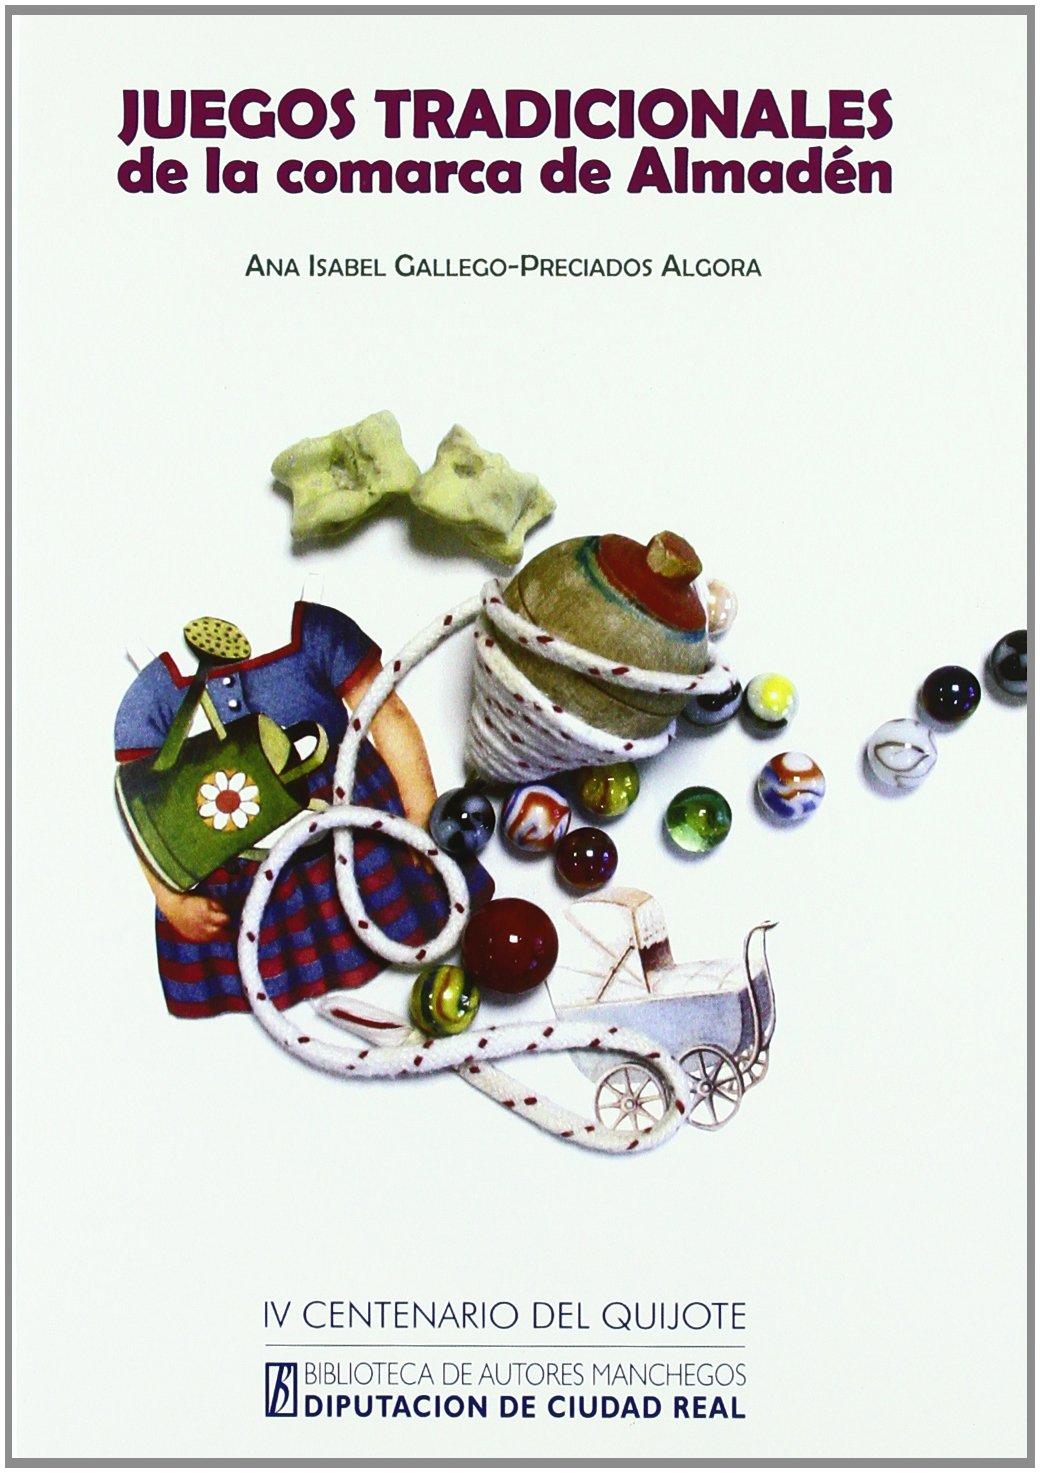 Juegos Tradicionales De La Comarca De Almaden A Noranzas Y Recuerdos Biblioteca De Autores Manchegos Spanish Edition Ana Isabel Gallego Preciados 9788477892199 Books